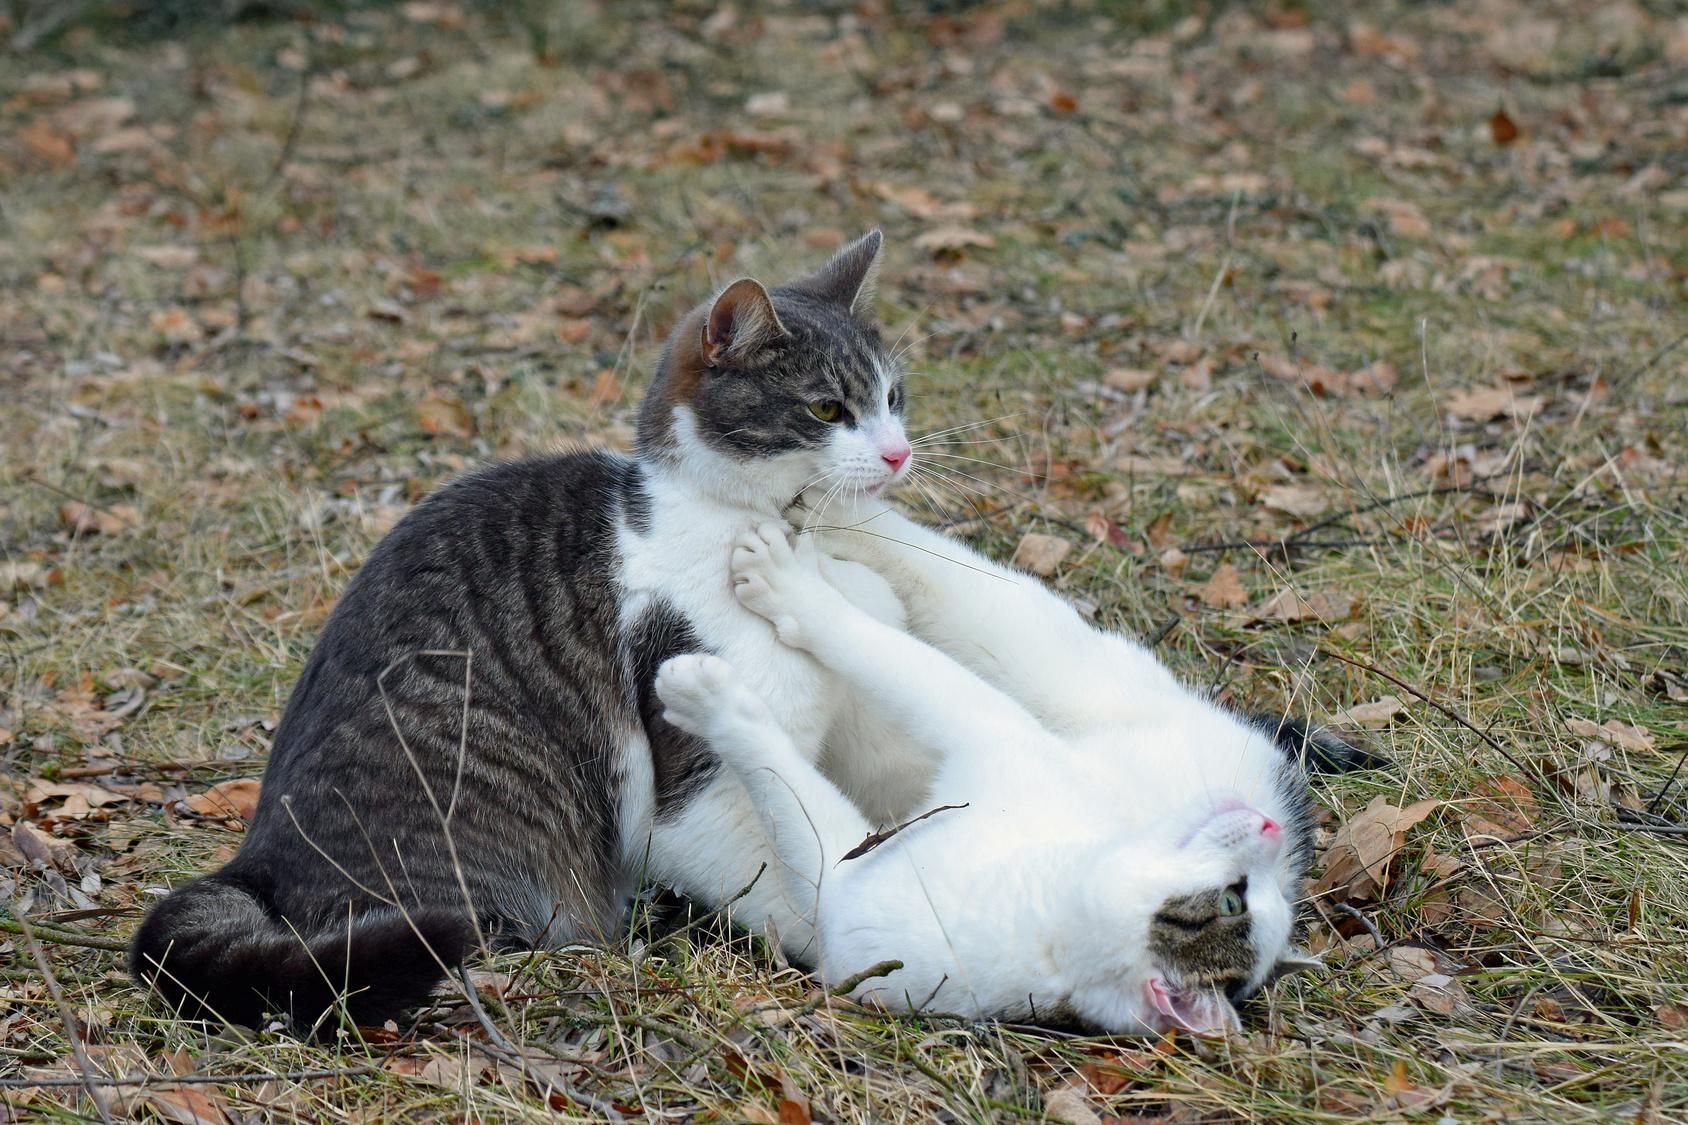 猫が飼い主の腕を噛みながら思い切りキックしてくるアレ、何?